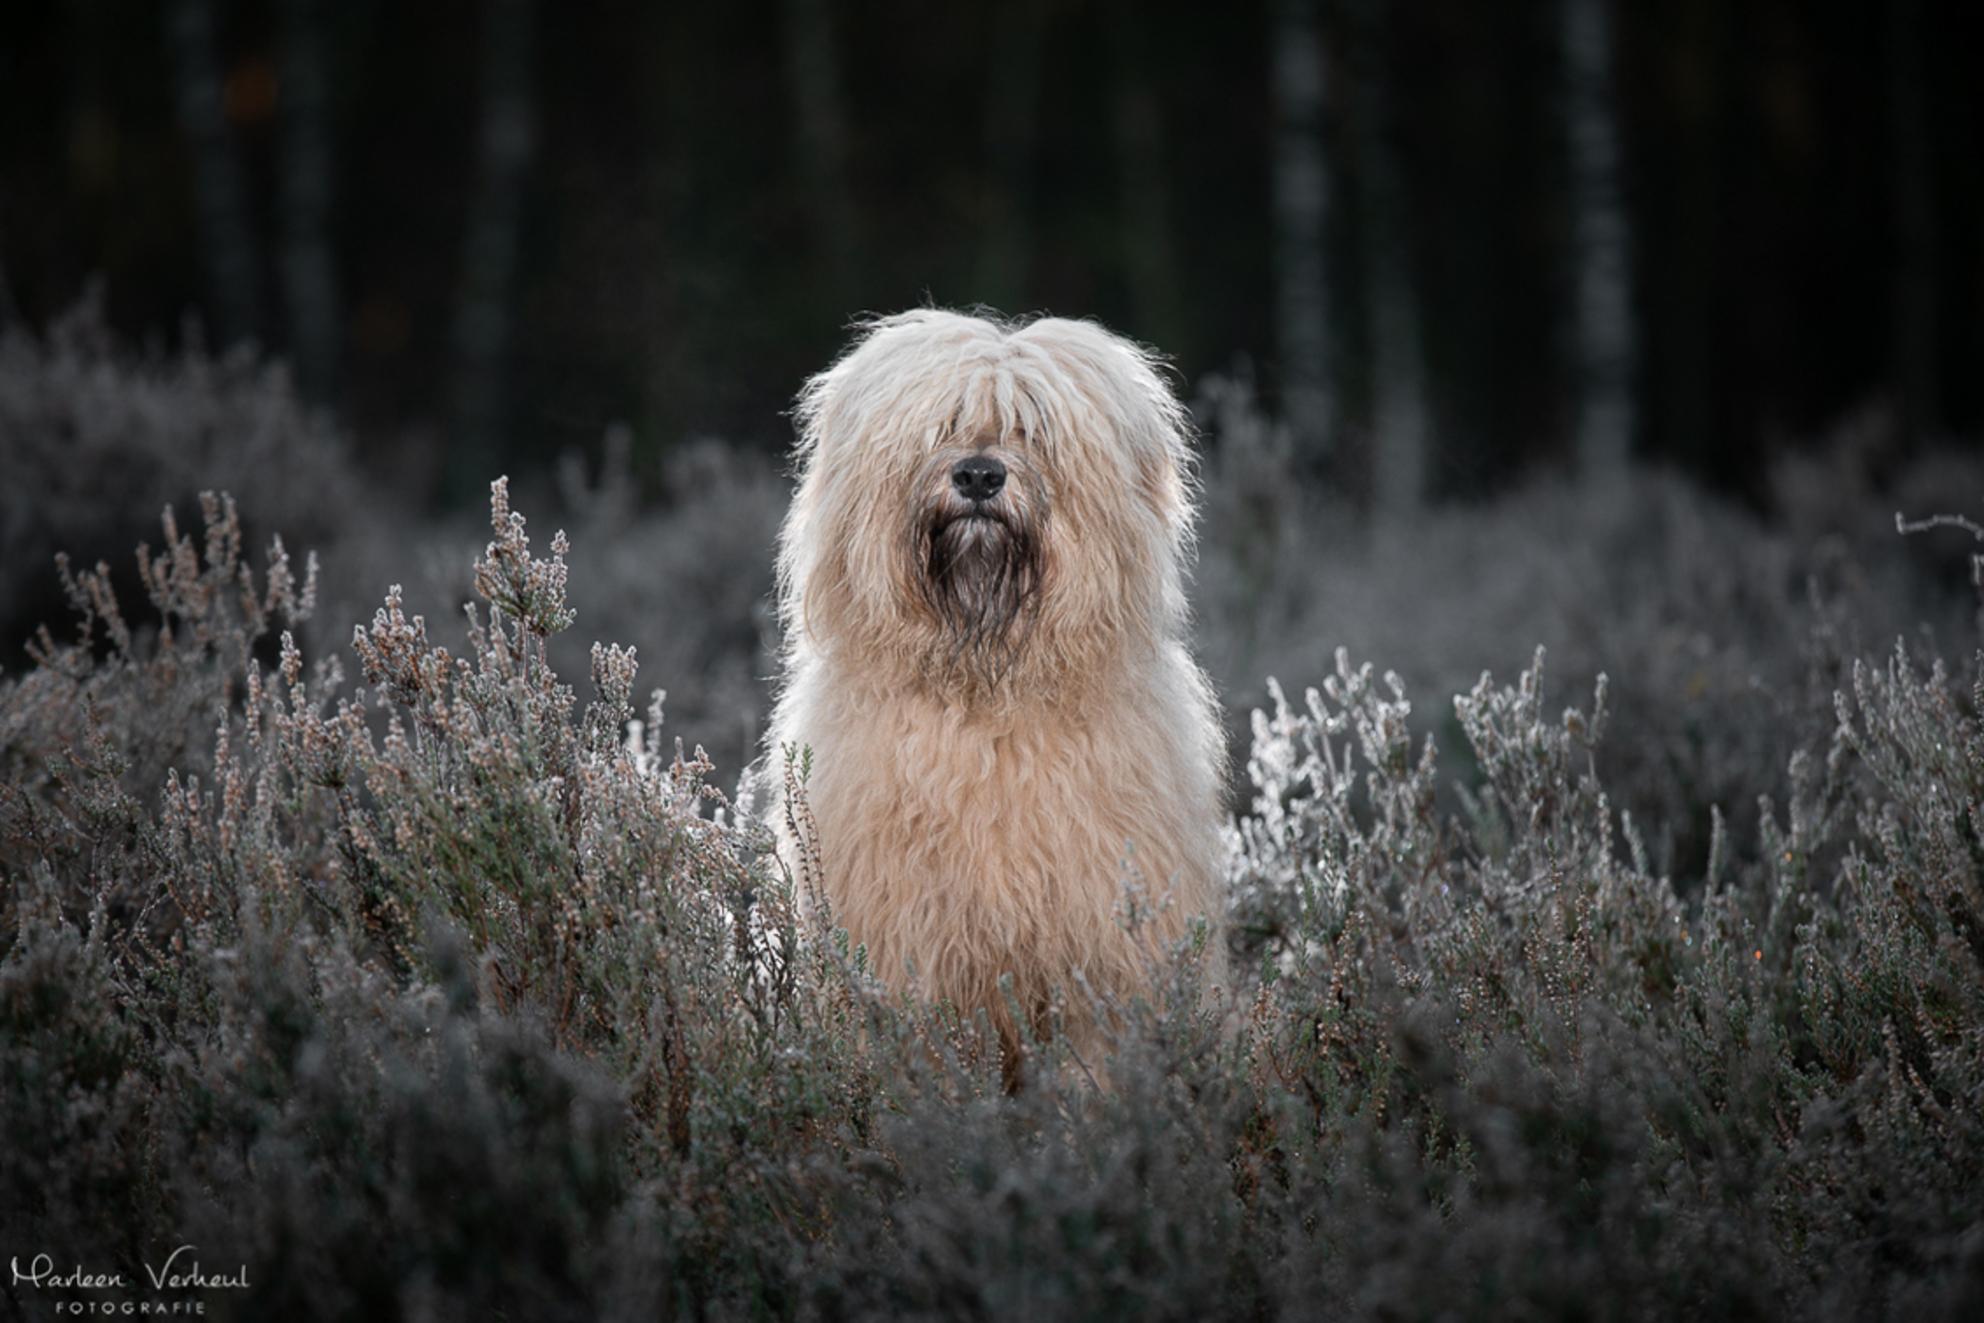 Strobist - Pippa ging keurig zitten voor deze strobist foto, nog met bevroren heide. Geweldig! - foto door MarleenVerheulFotografie op 05-12-2020 - deze foto bevat: dieren, huisdier, hond, strobist, hondenfotografie, hondenfotograaf - Deze foto mag gebruikt worden in een Zoom.nl publicatie